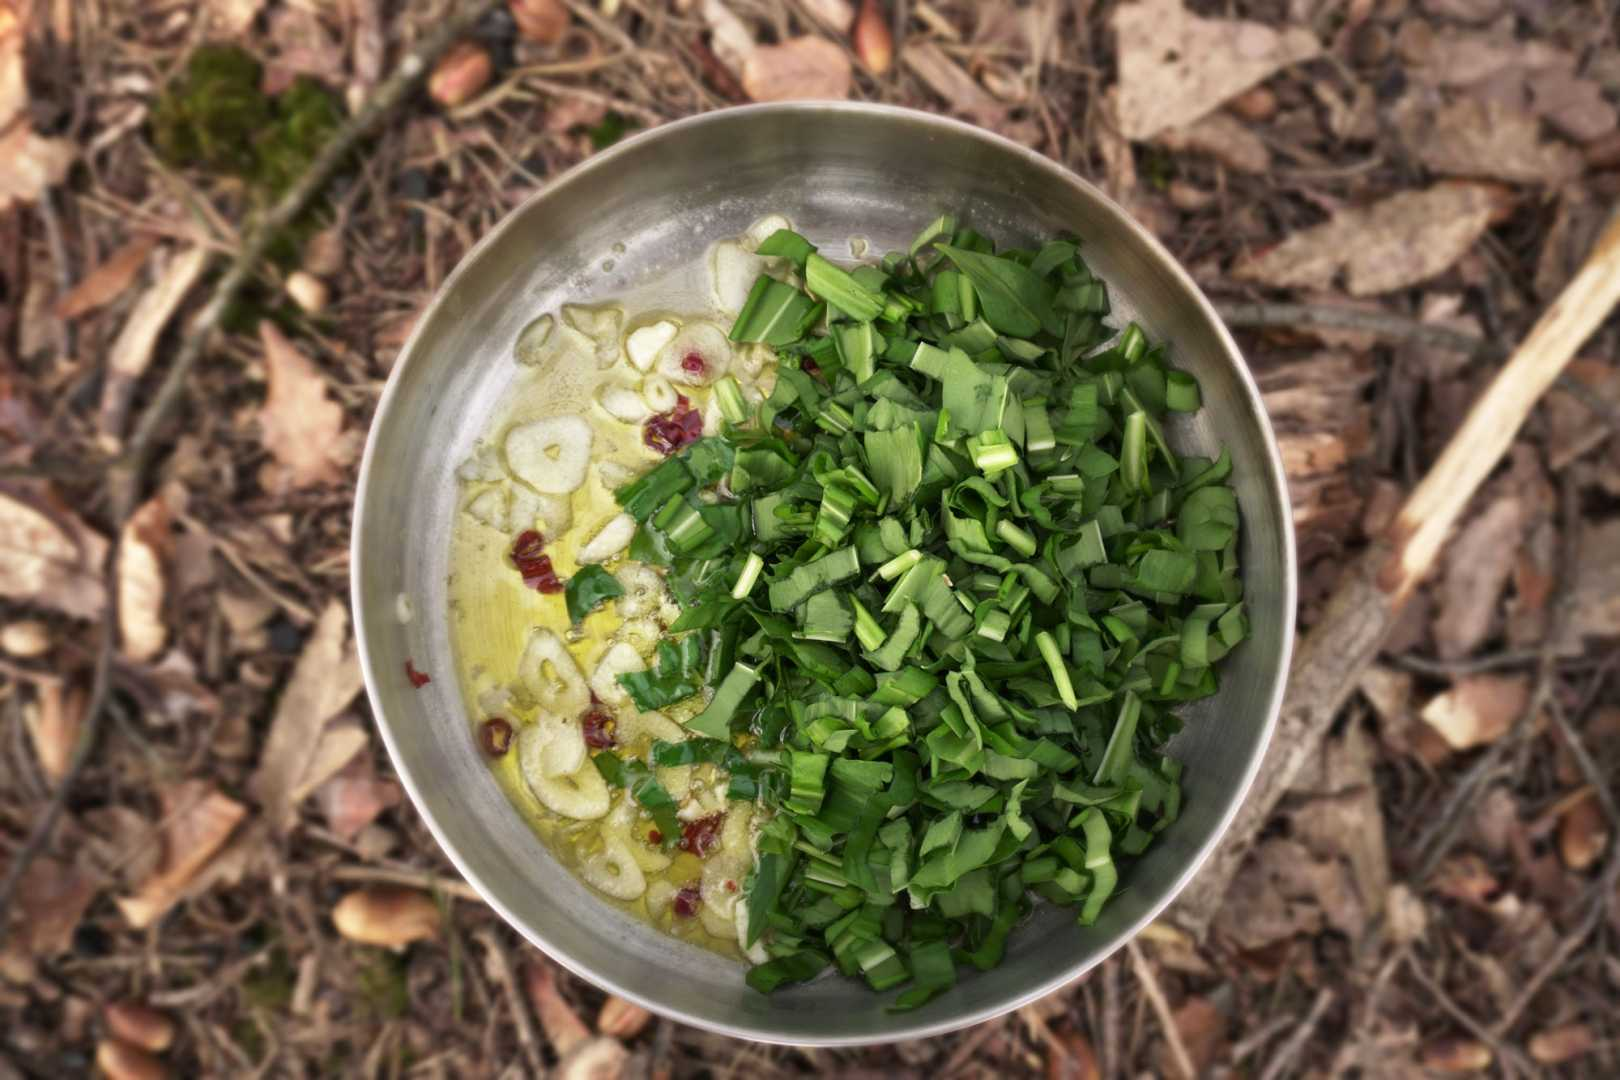 Kochtopf mit Bärlauch, Knoblauch, Chili und Öl im Wald